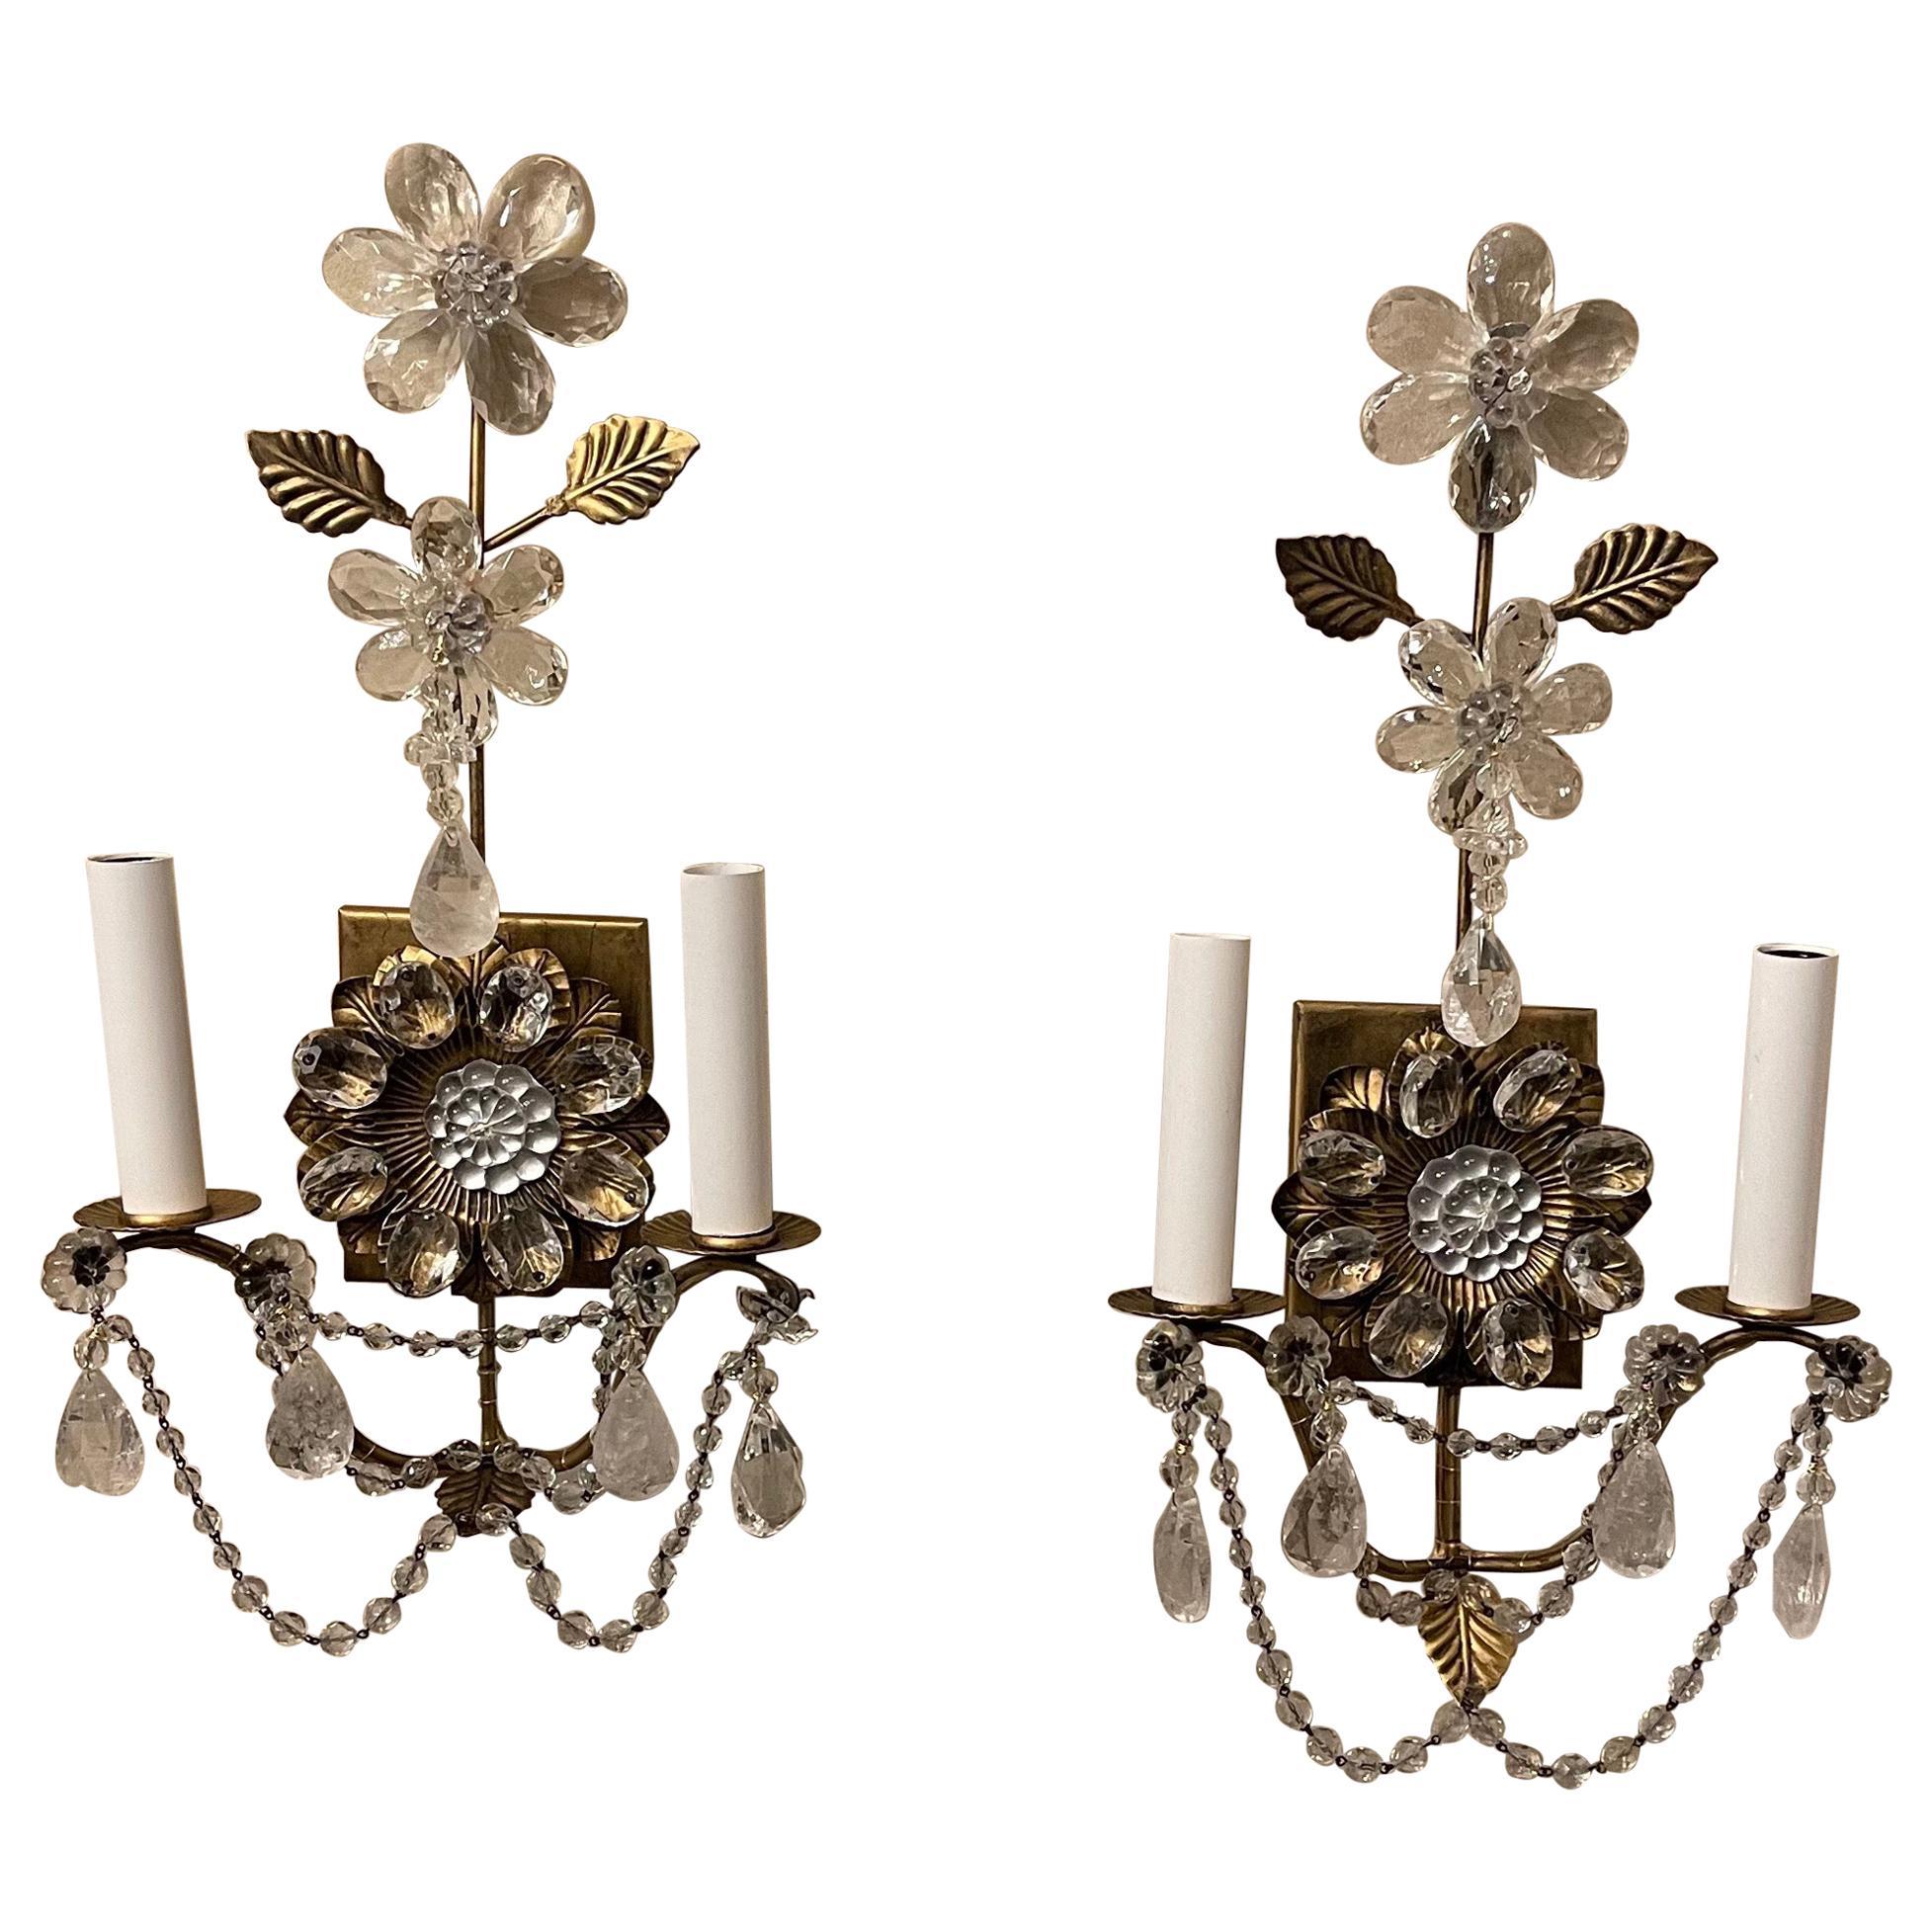 Wonderful Pair of Maison Baguès Rock Crystal Gilt Tole Glass Flower Leaf Sconces